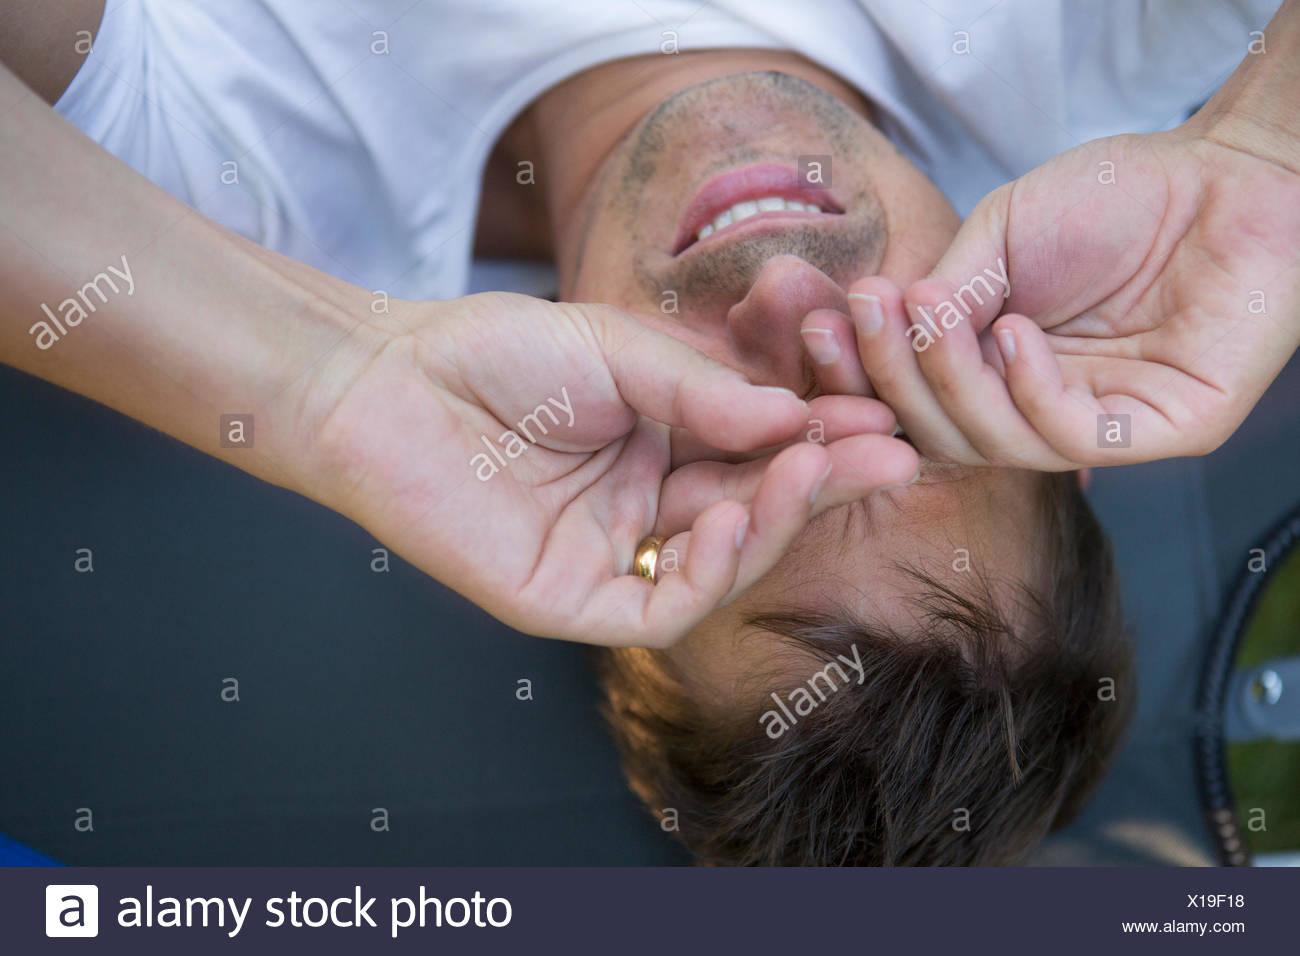 Man rubbing eyes - Stock Image